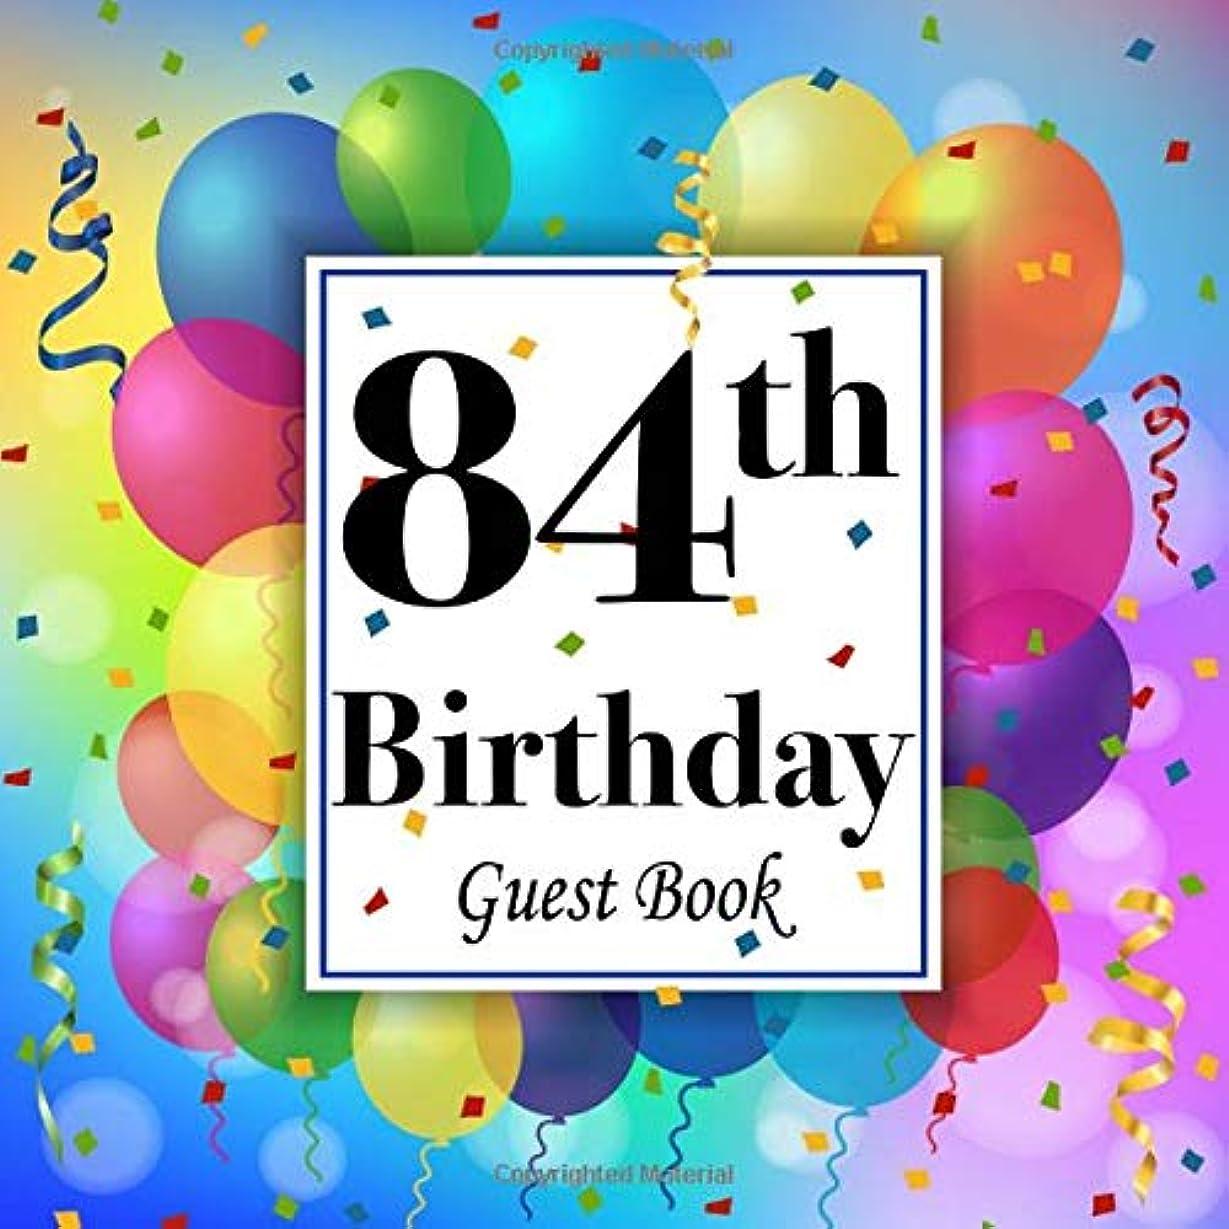 経過エイズ三番84th Birthday Guest Book: Party Celebration Keepsake Memory Book For Family & Friends to write best wishes, messages, sign in, guest